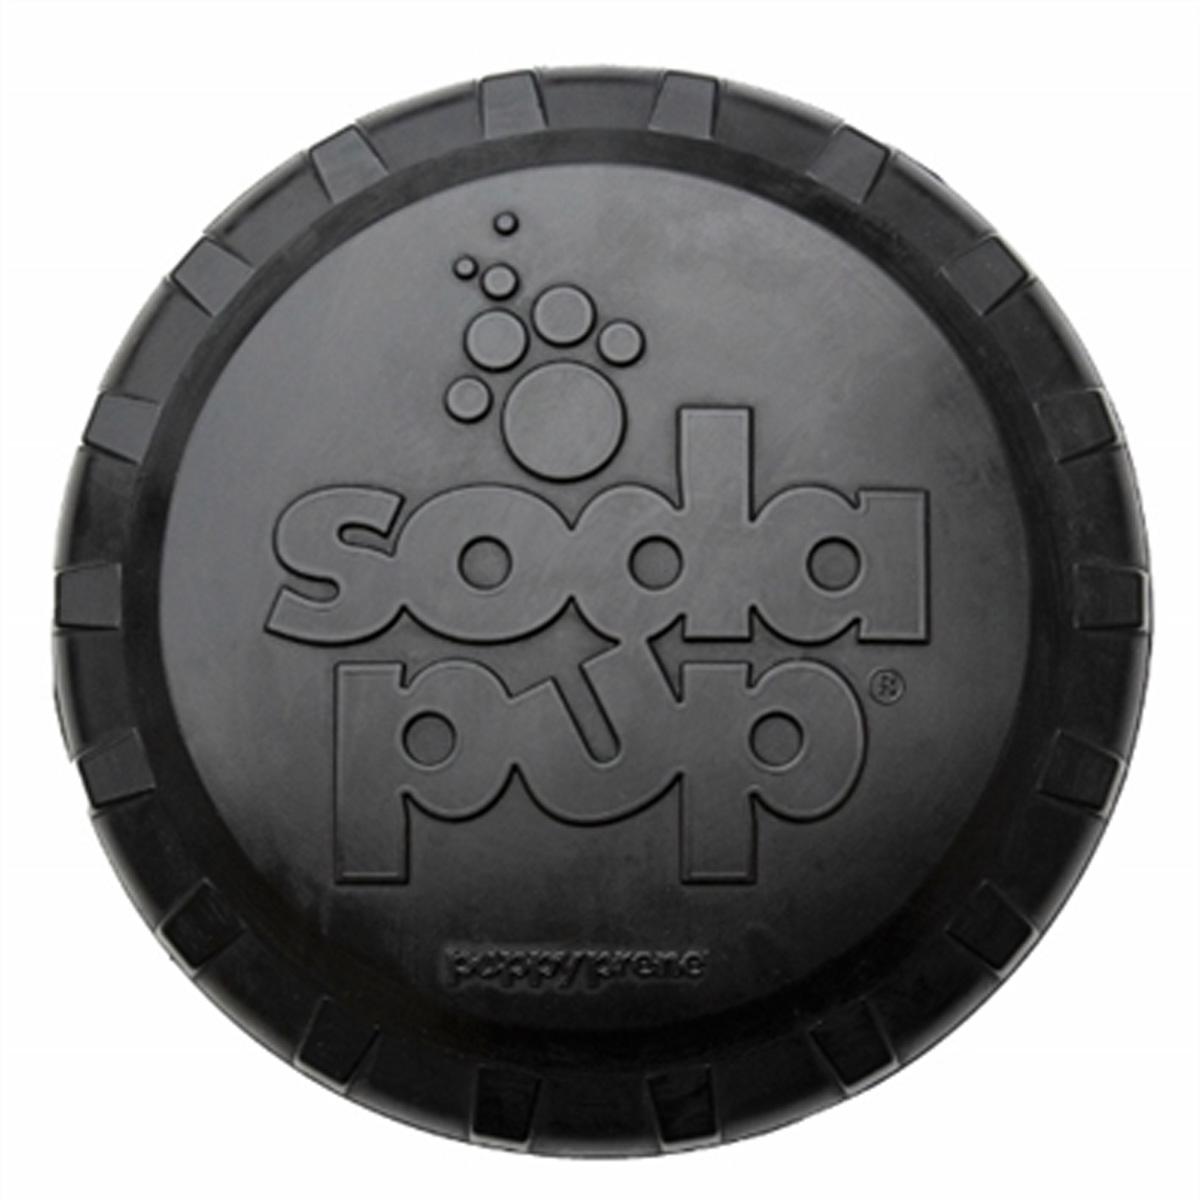 SodaPup Bottle Top Flyer Dog Toy - Magnum Black